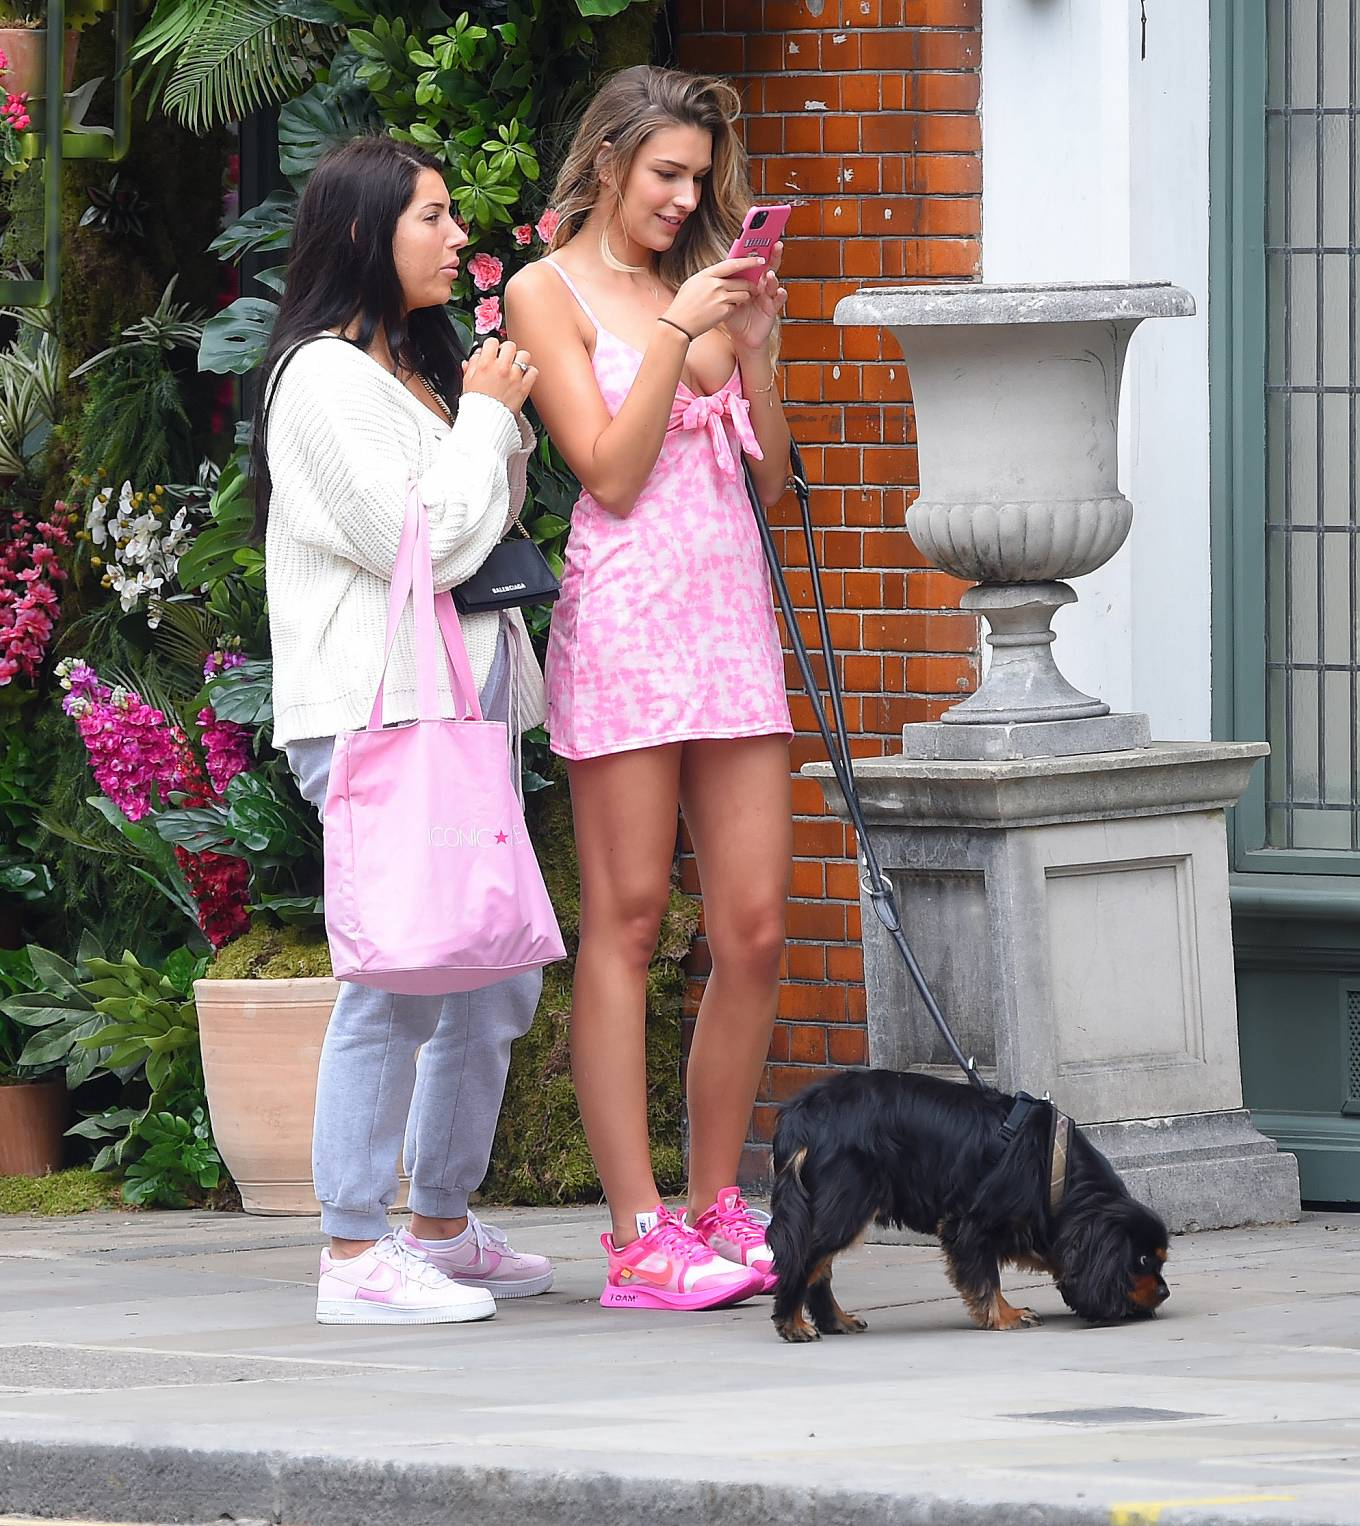 Zara McDermott in Mini Dress - Out in Chelsea